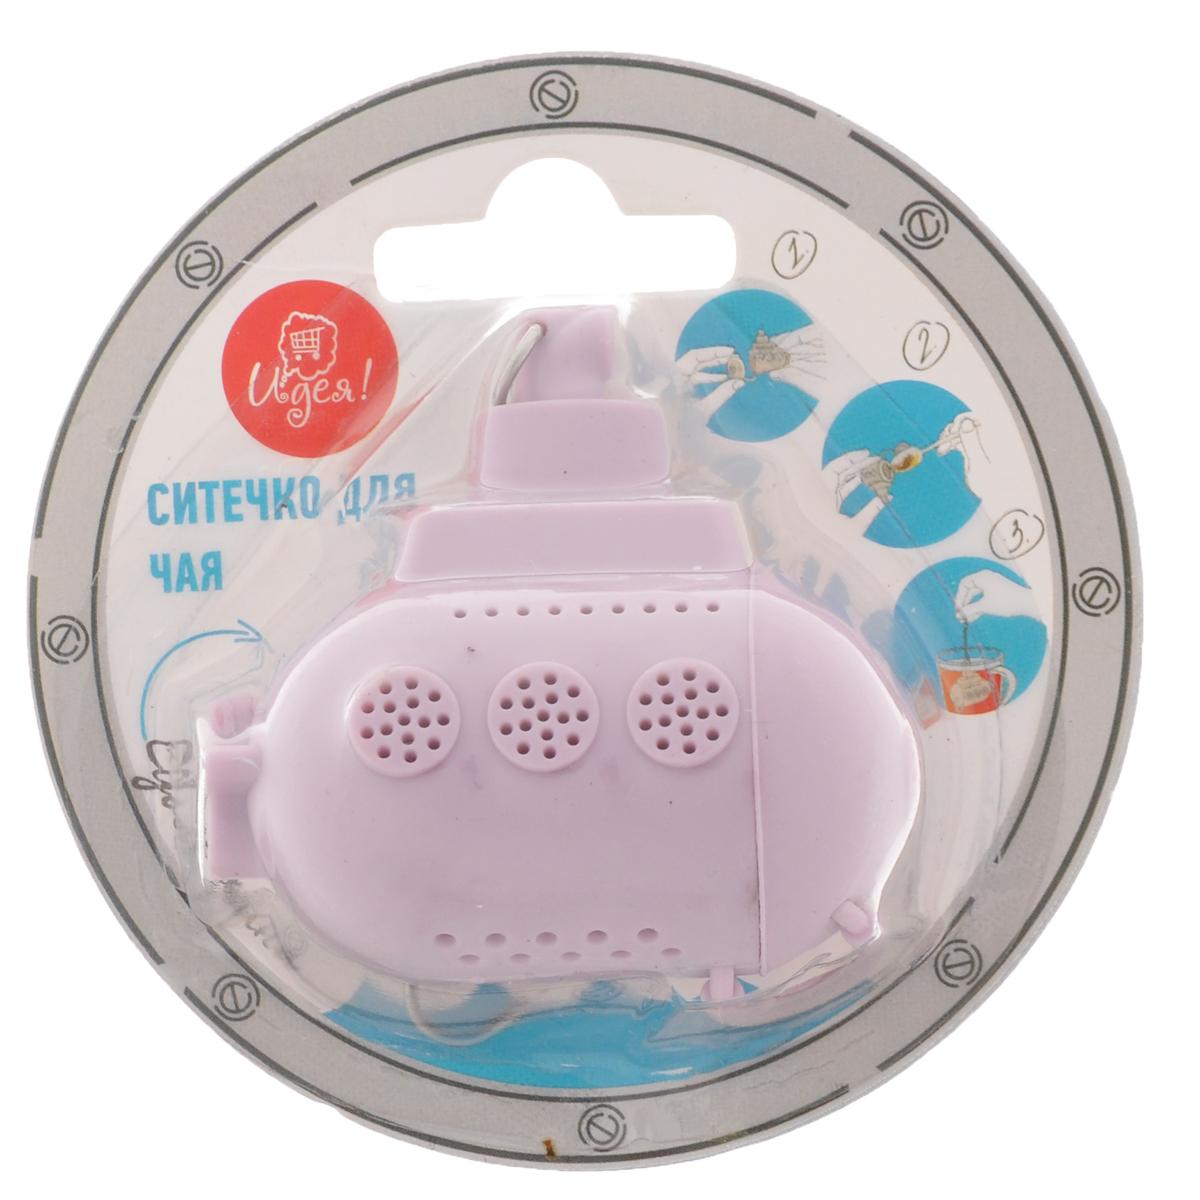 Ситечко для чая Идея Субмарина, цвет: пепельно-розовыйVT-1520(SR)Ситечко Идея Субмарина прекрасно подходит для заваривания любого вида чая. Изделие выполнено из пищевого силикона в виде подводной лодки. Ситечком очень легко пользоваться. Просто насыпьте заварку внутрь и погрузите субмарину на дно кружки. Изделие снабжено металлической цепочкой с крючком на конце. Забавная и приятная вещица для вашего домашнего чаепития. Не рекомендуется мыть в посудомоечной машине. Размер фигурки: 6 см х 5,5 см х 3 см.